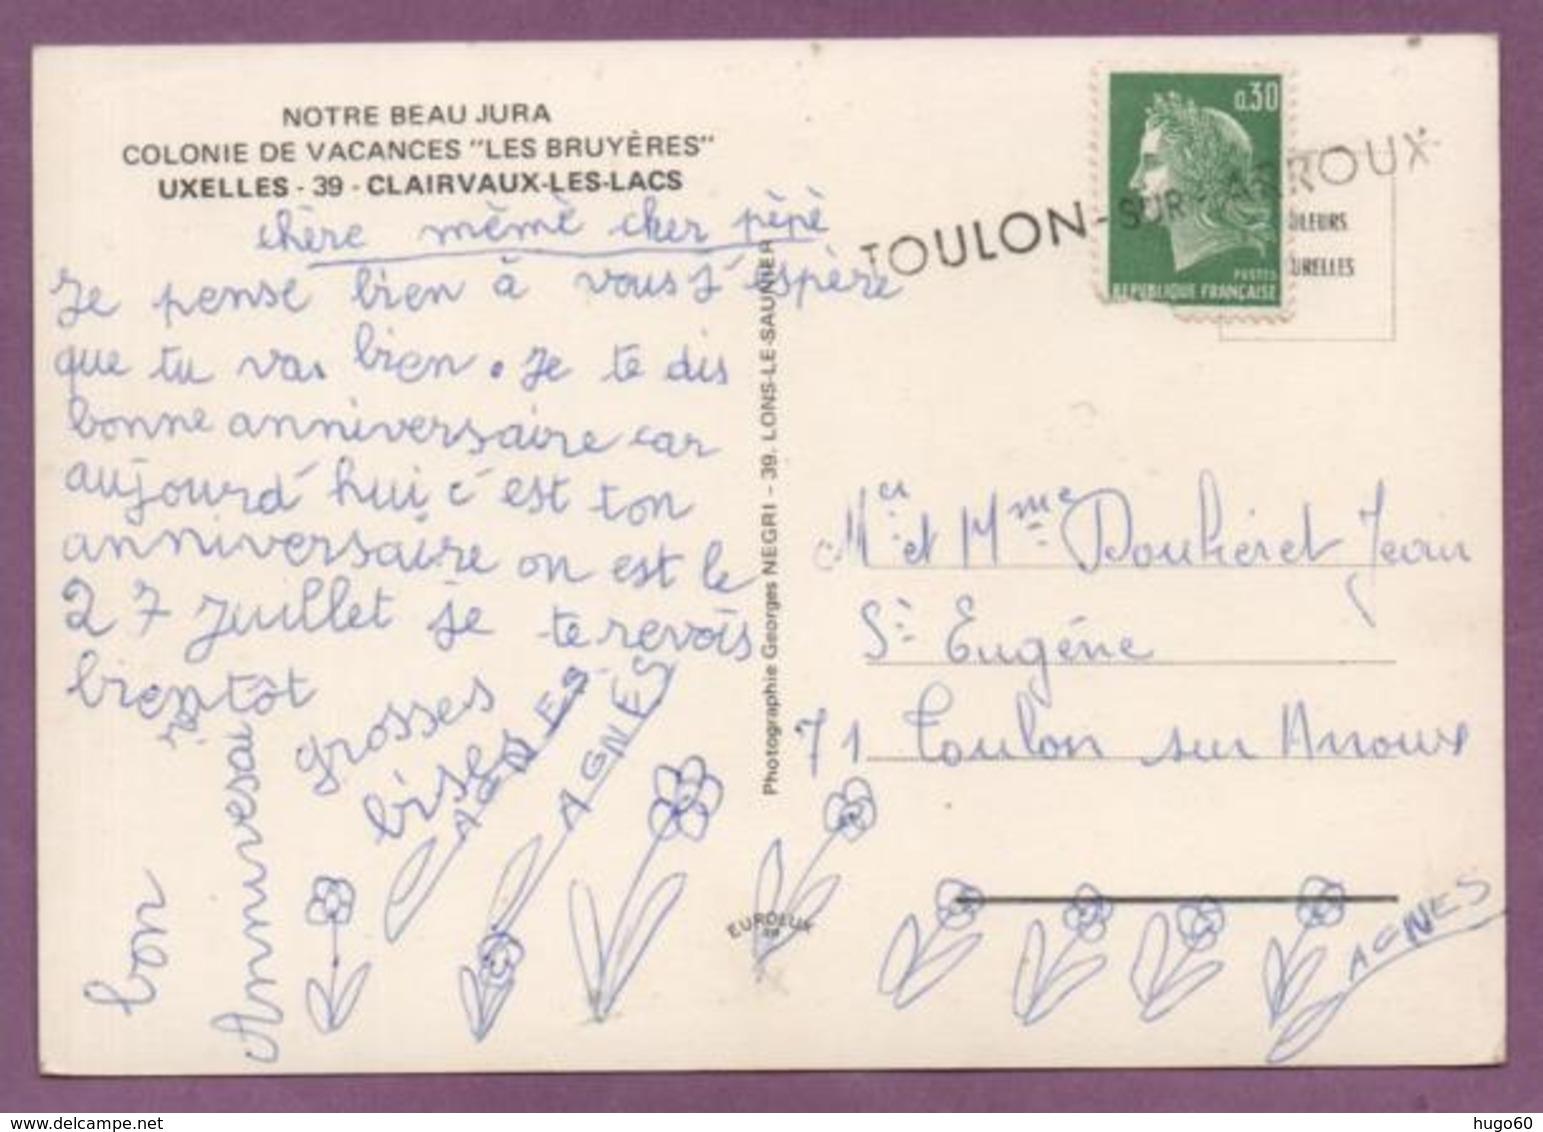 """UXELLES - CLAIVAUX-LES-LACS - Colonie De Vacances Les """"Bruyères"""" - Clairvaux Les Lacs"""